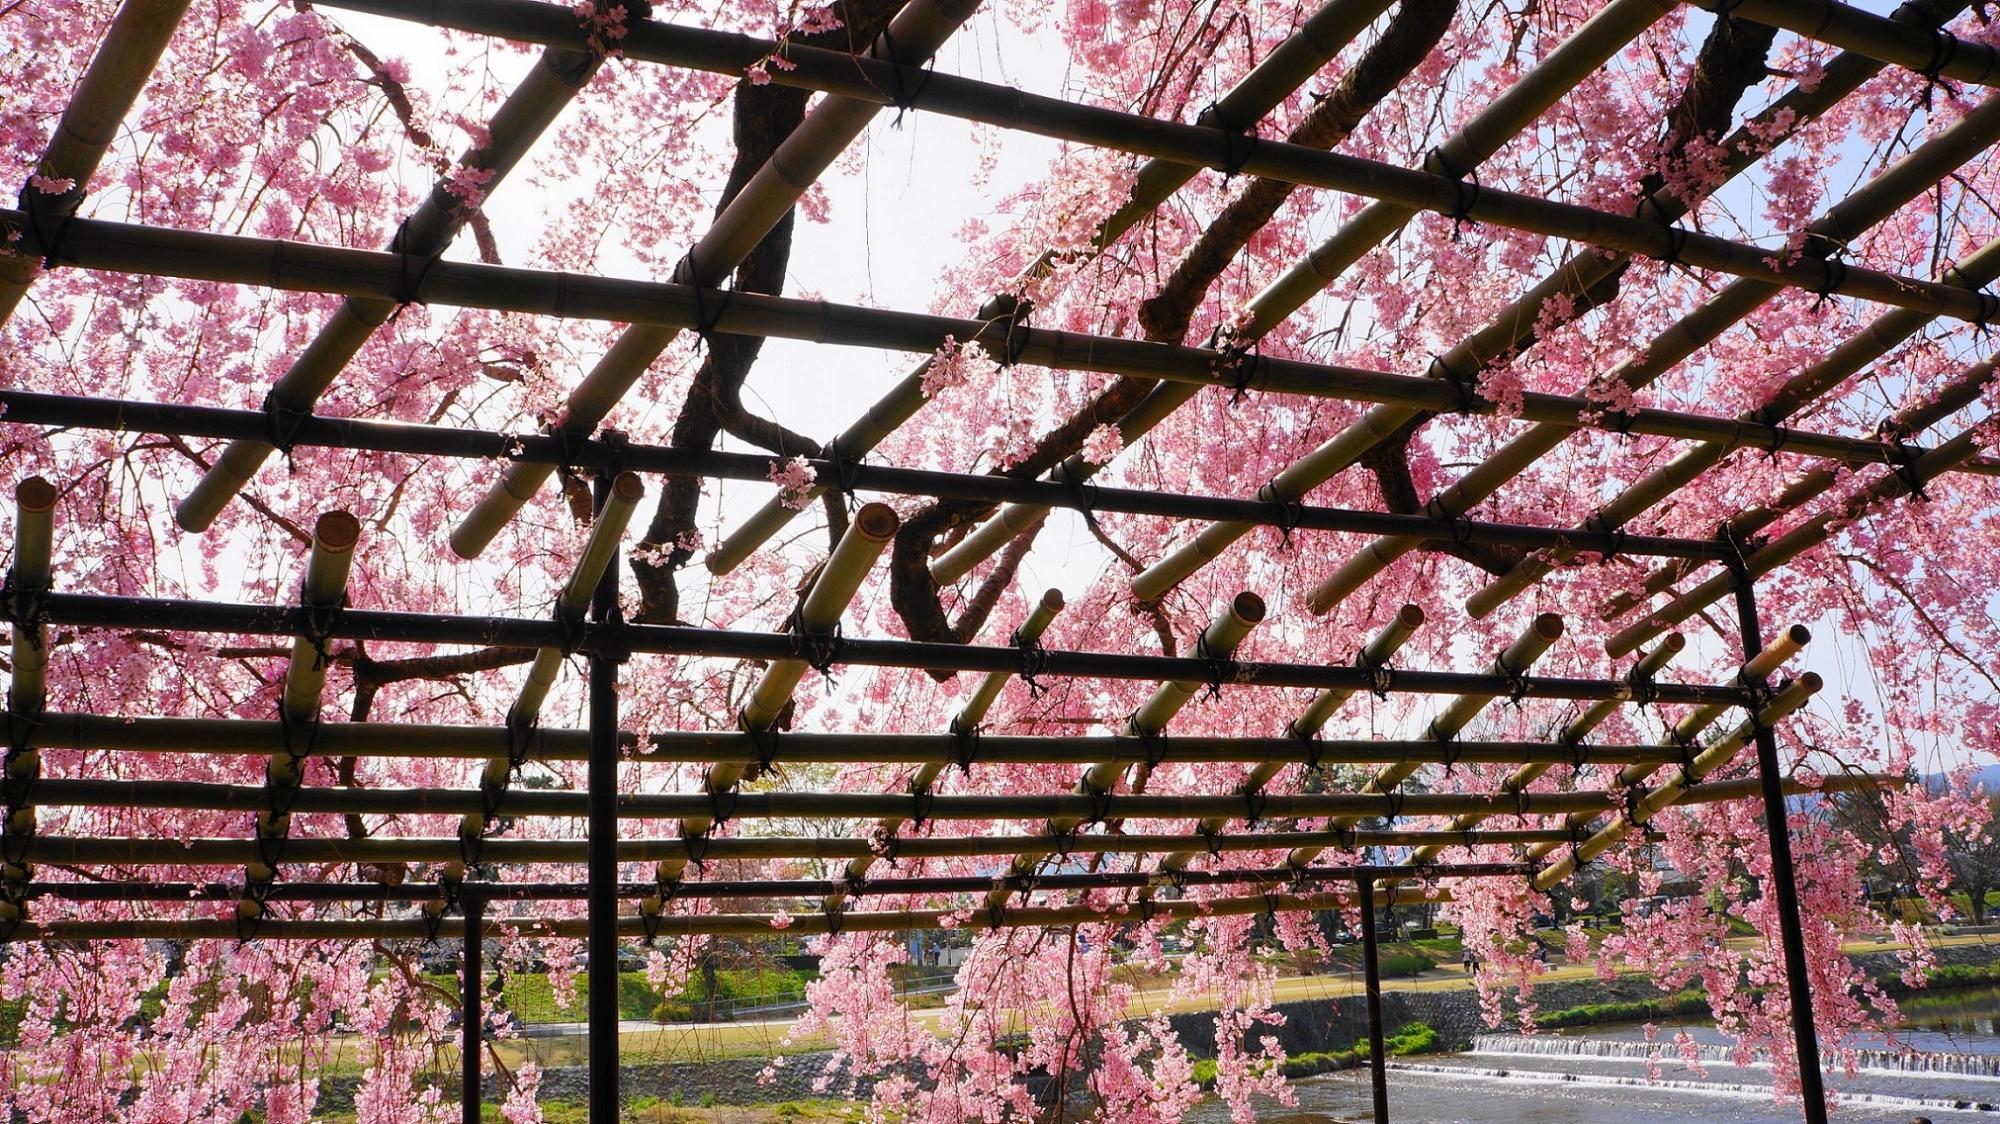 見事な春色につつまれた空間